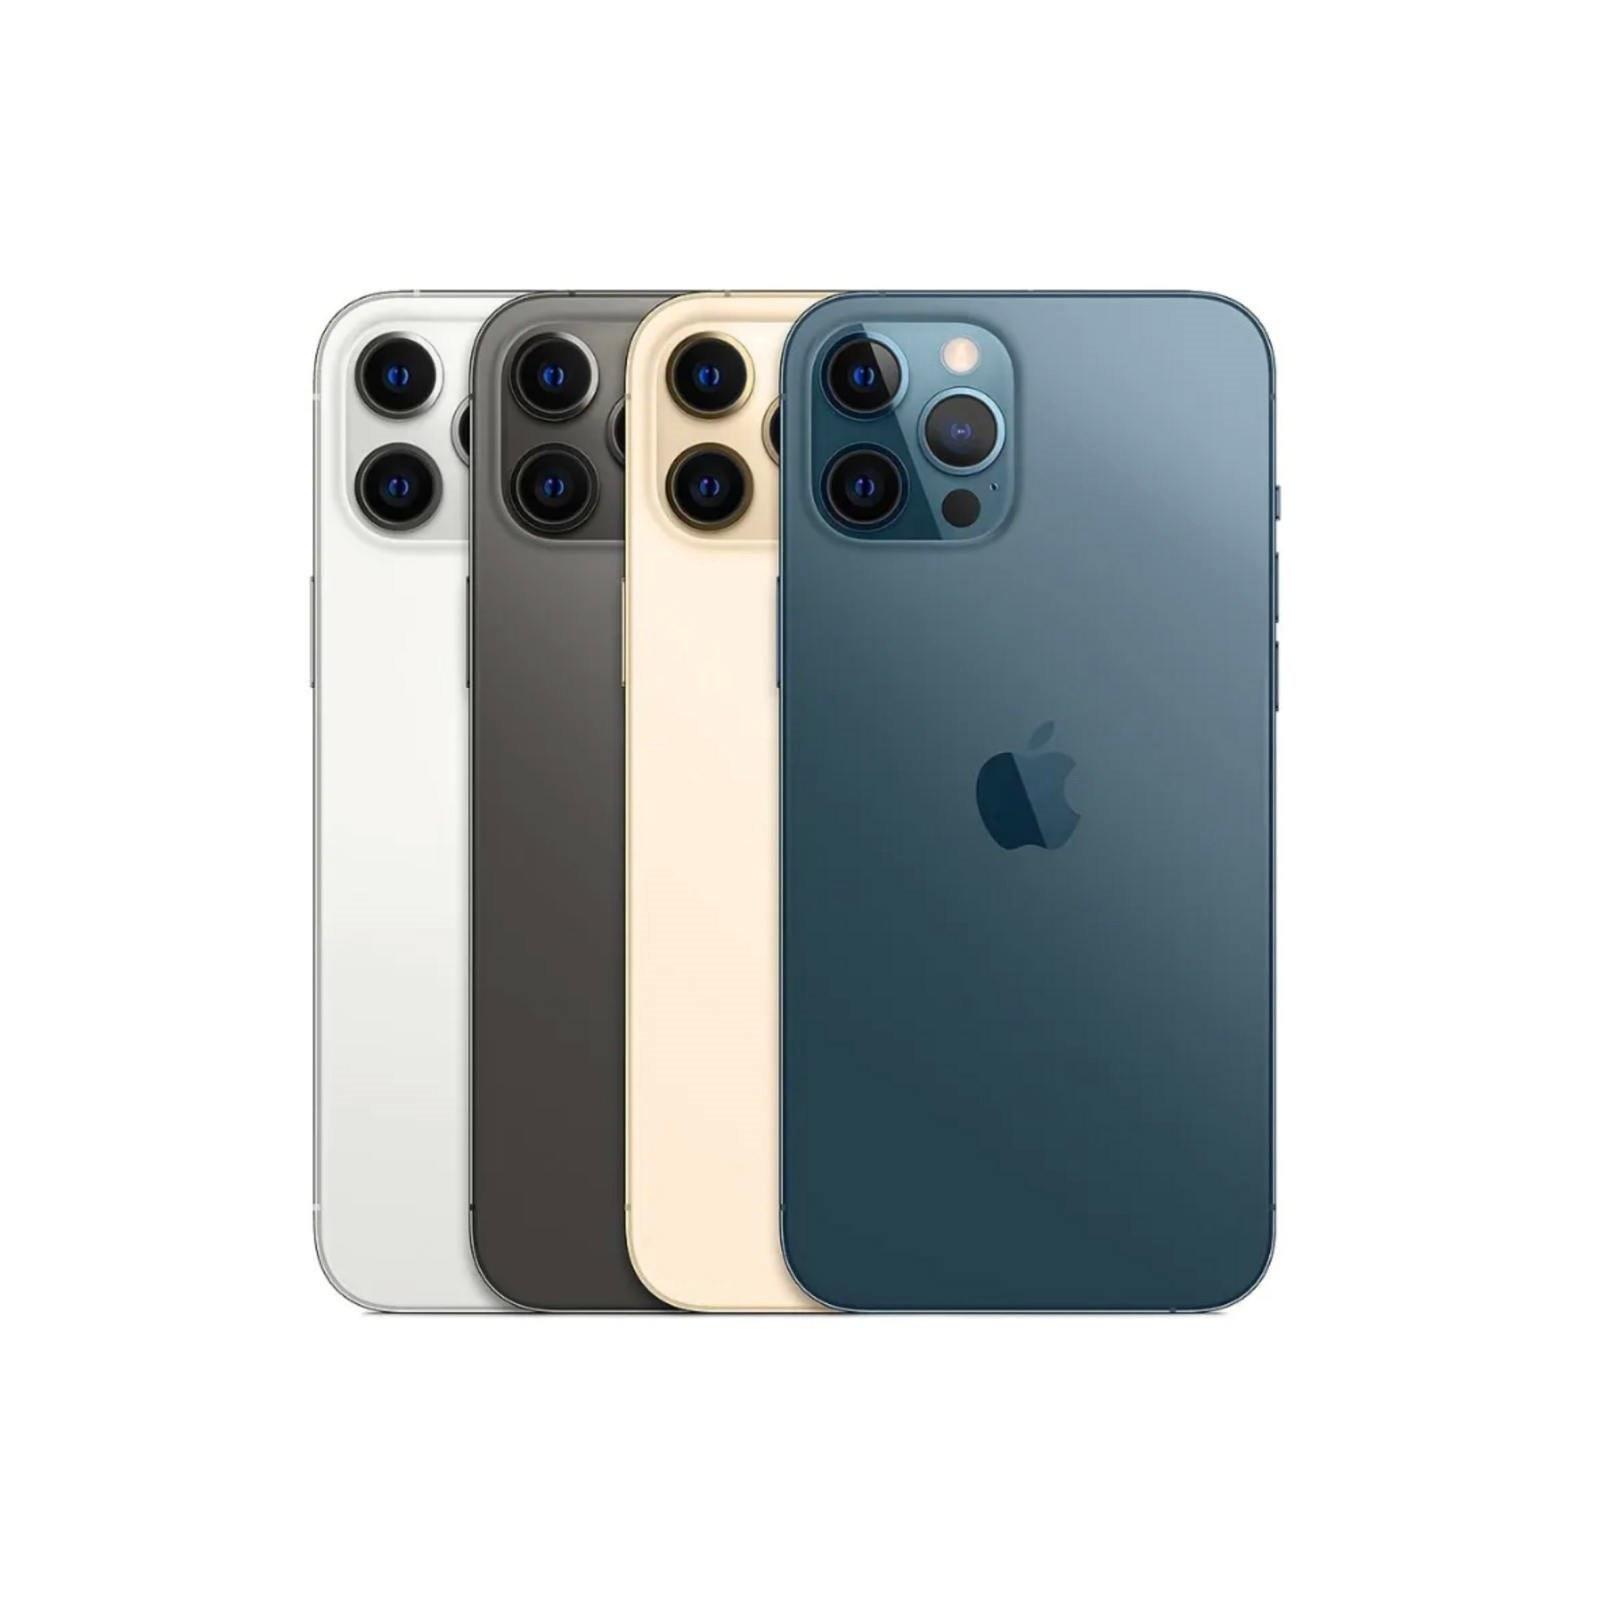 گوشی موبایل اپل مدل iphon 12pro max ظرفیت ۵۱۲GB